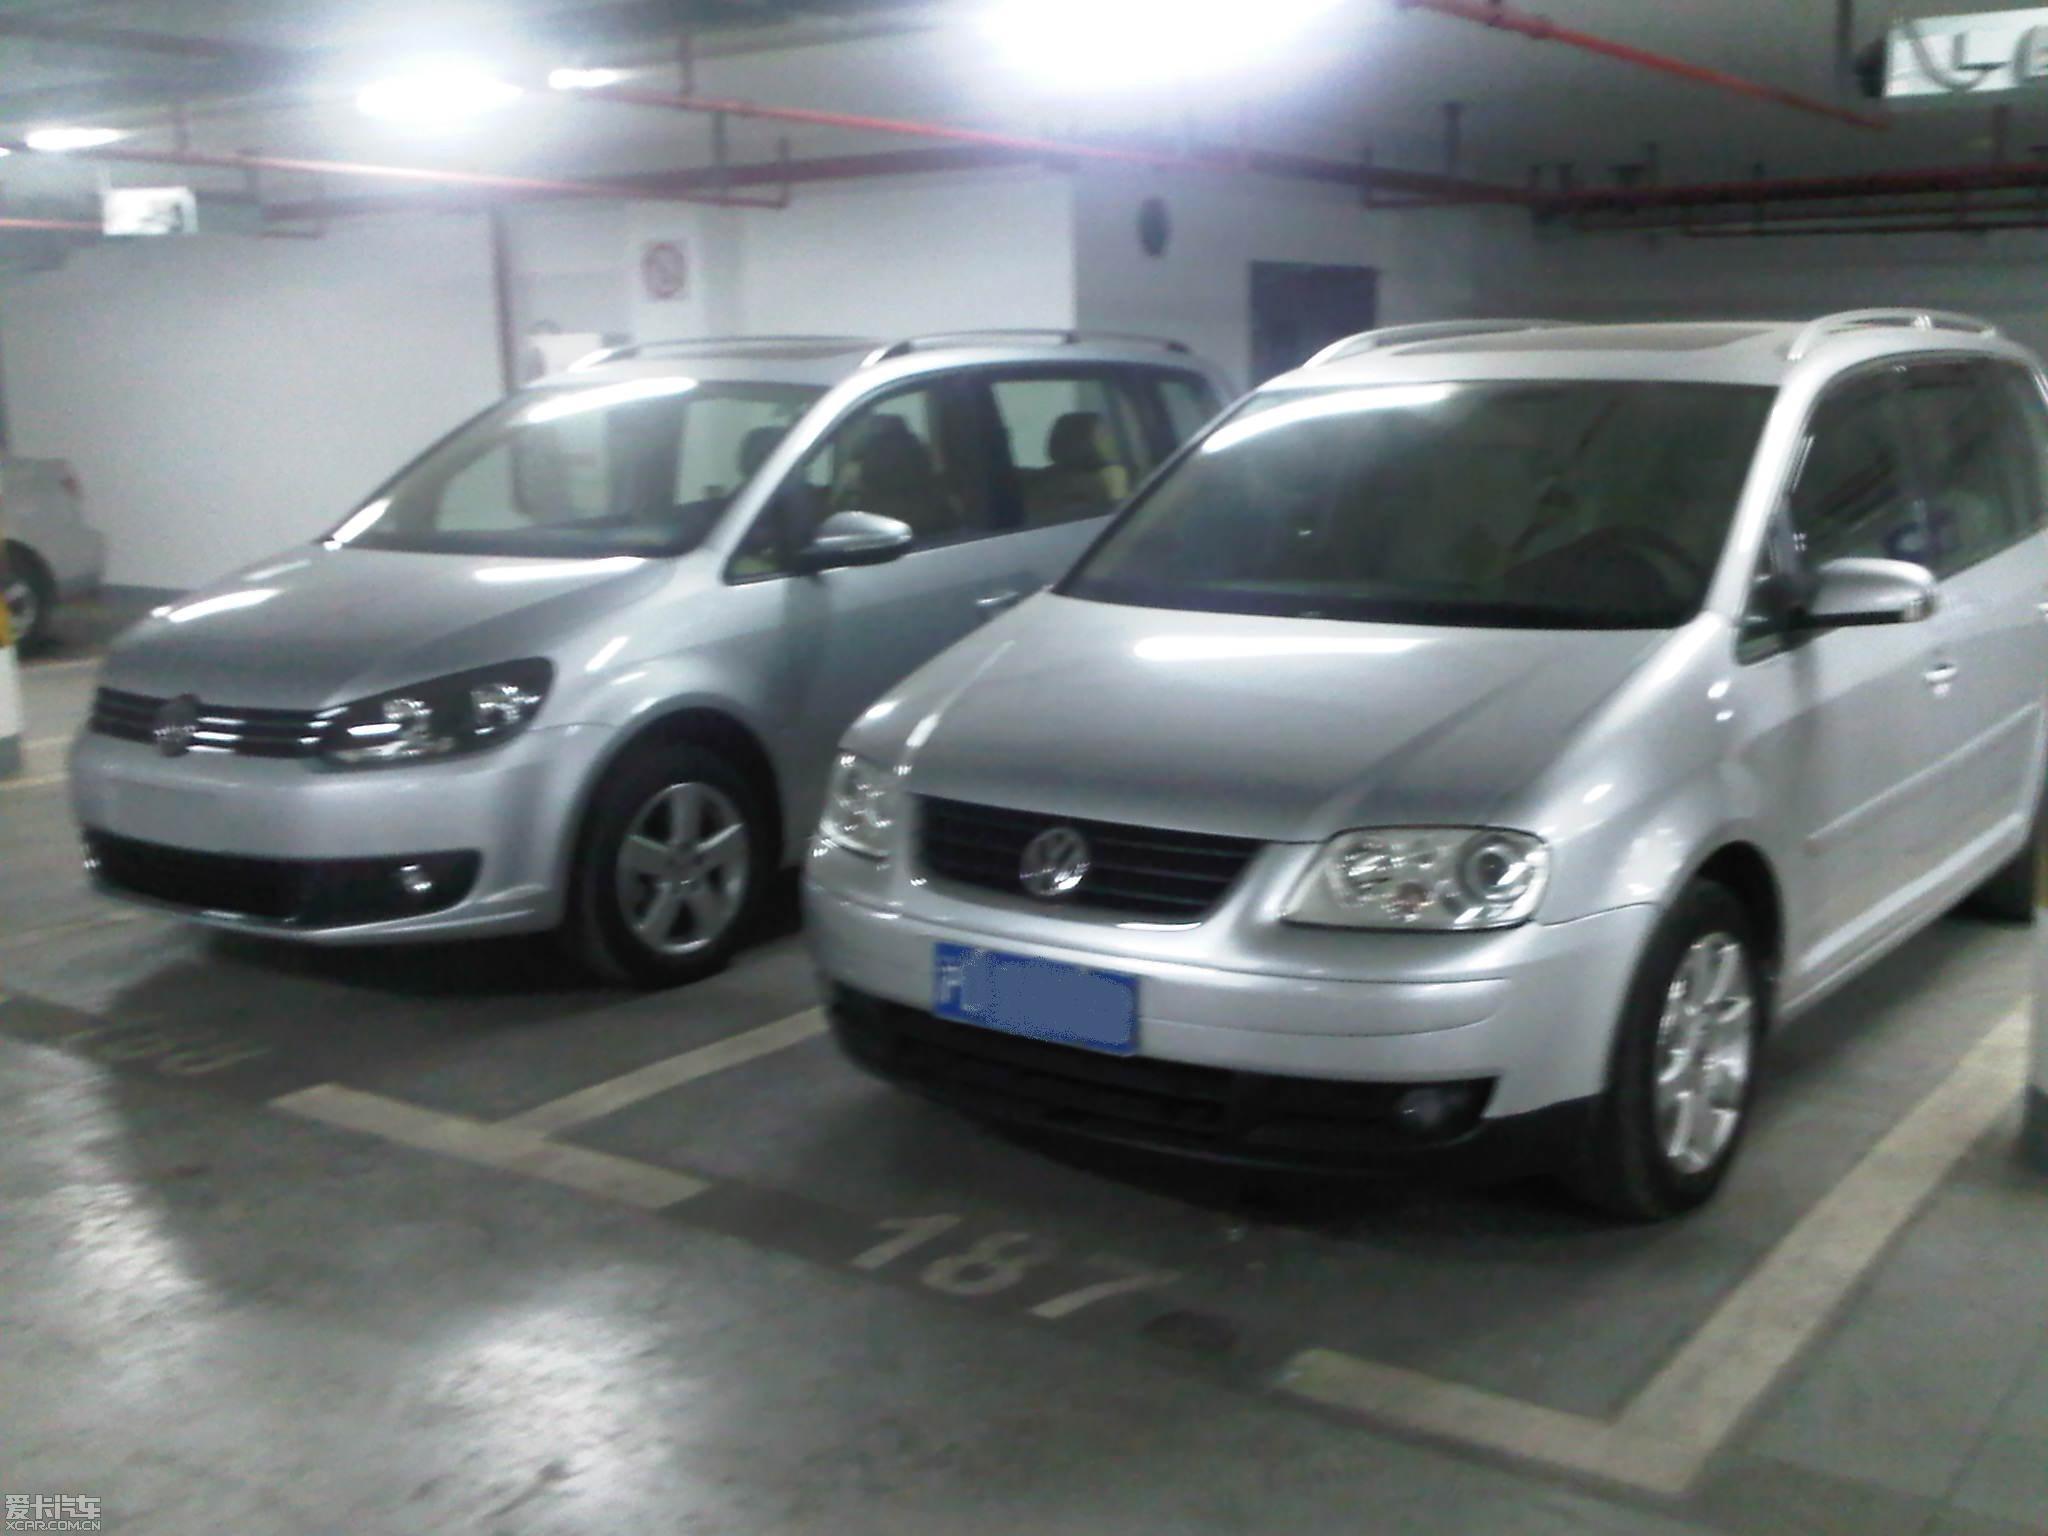 老安遇上新途安 途安论坛 xcar 爱卡汽车俱乐部高清图片